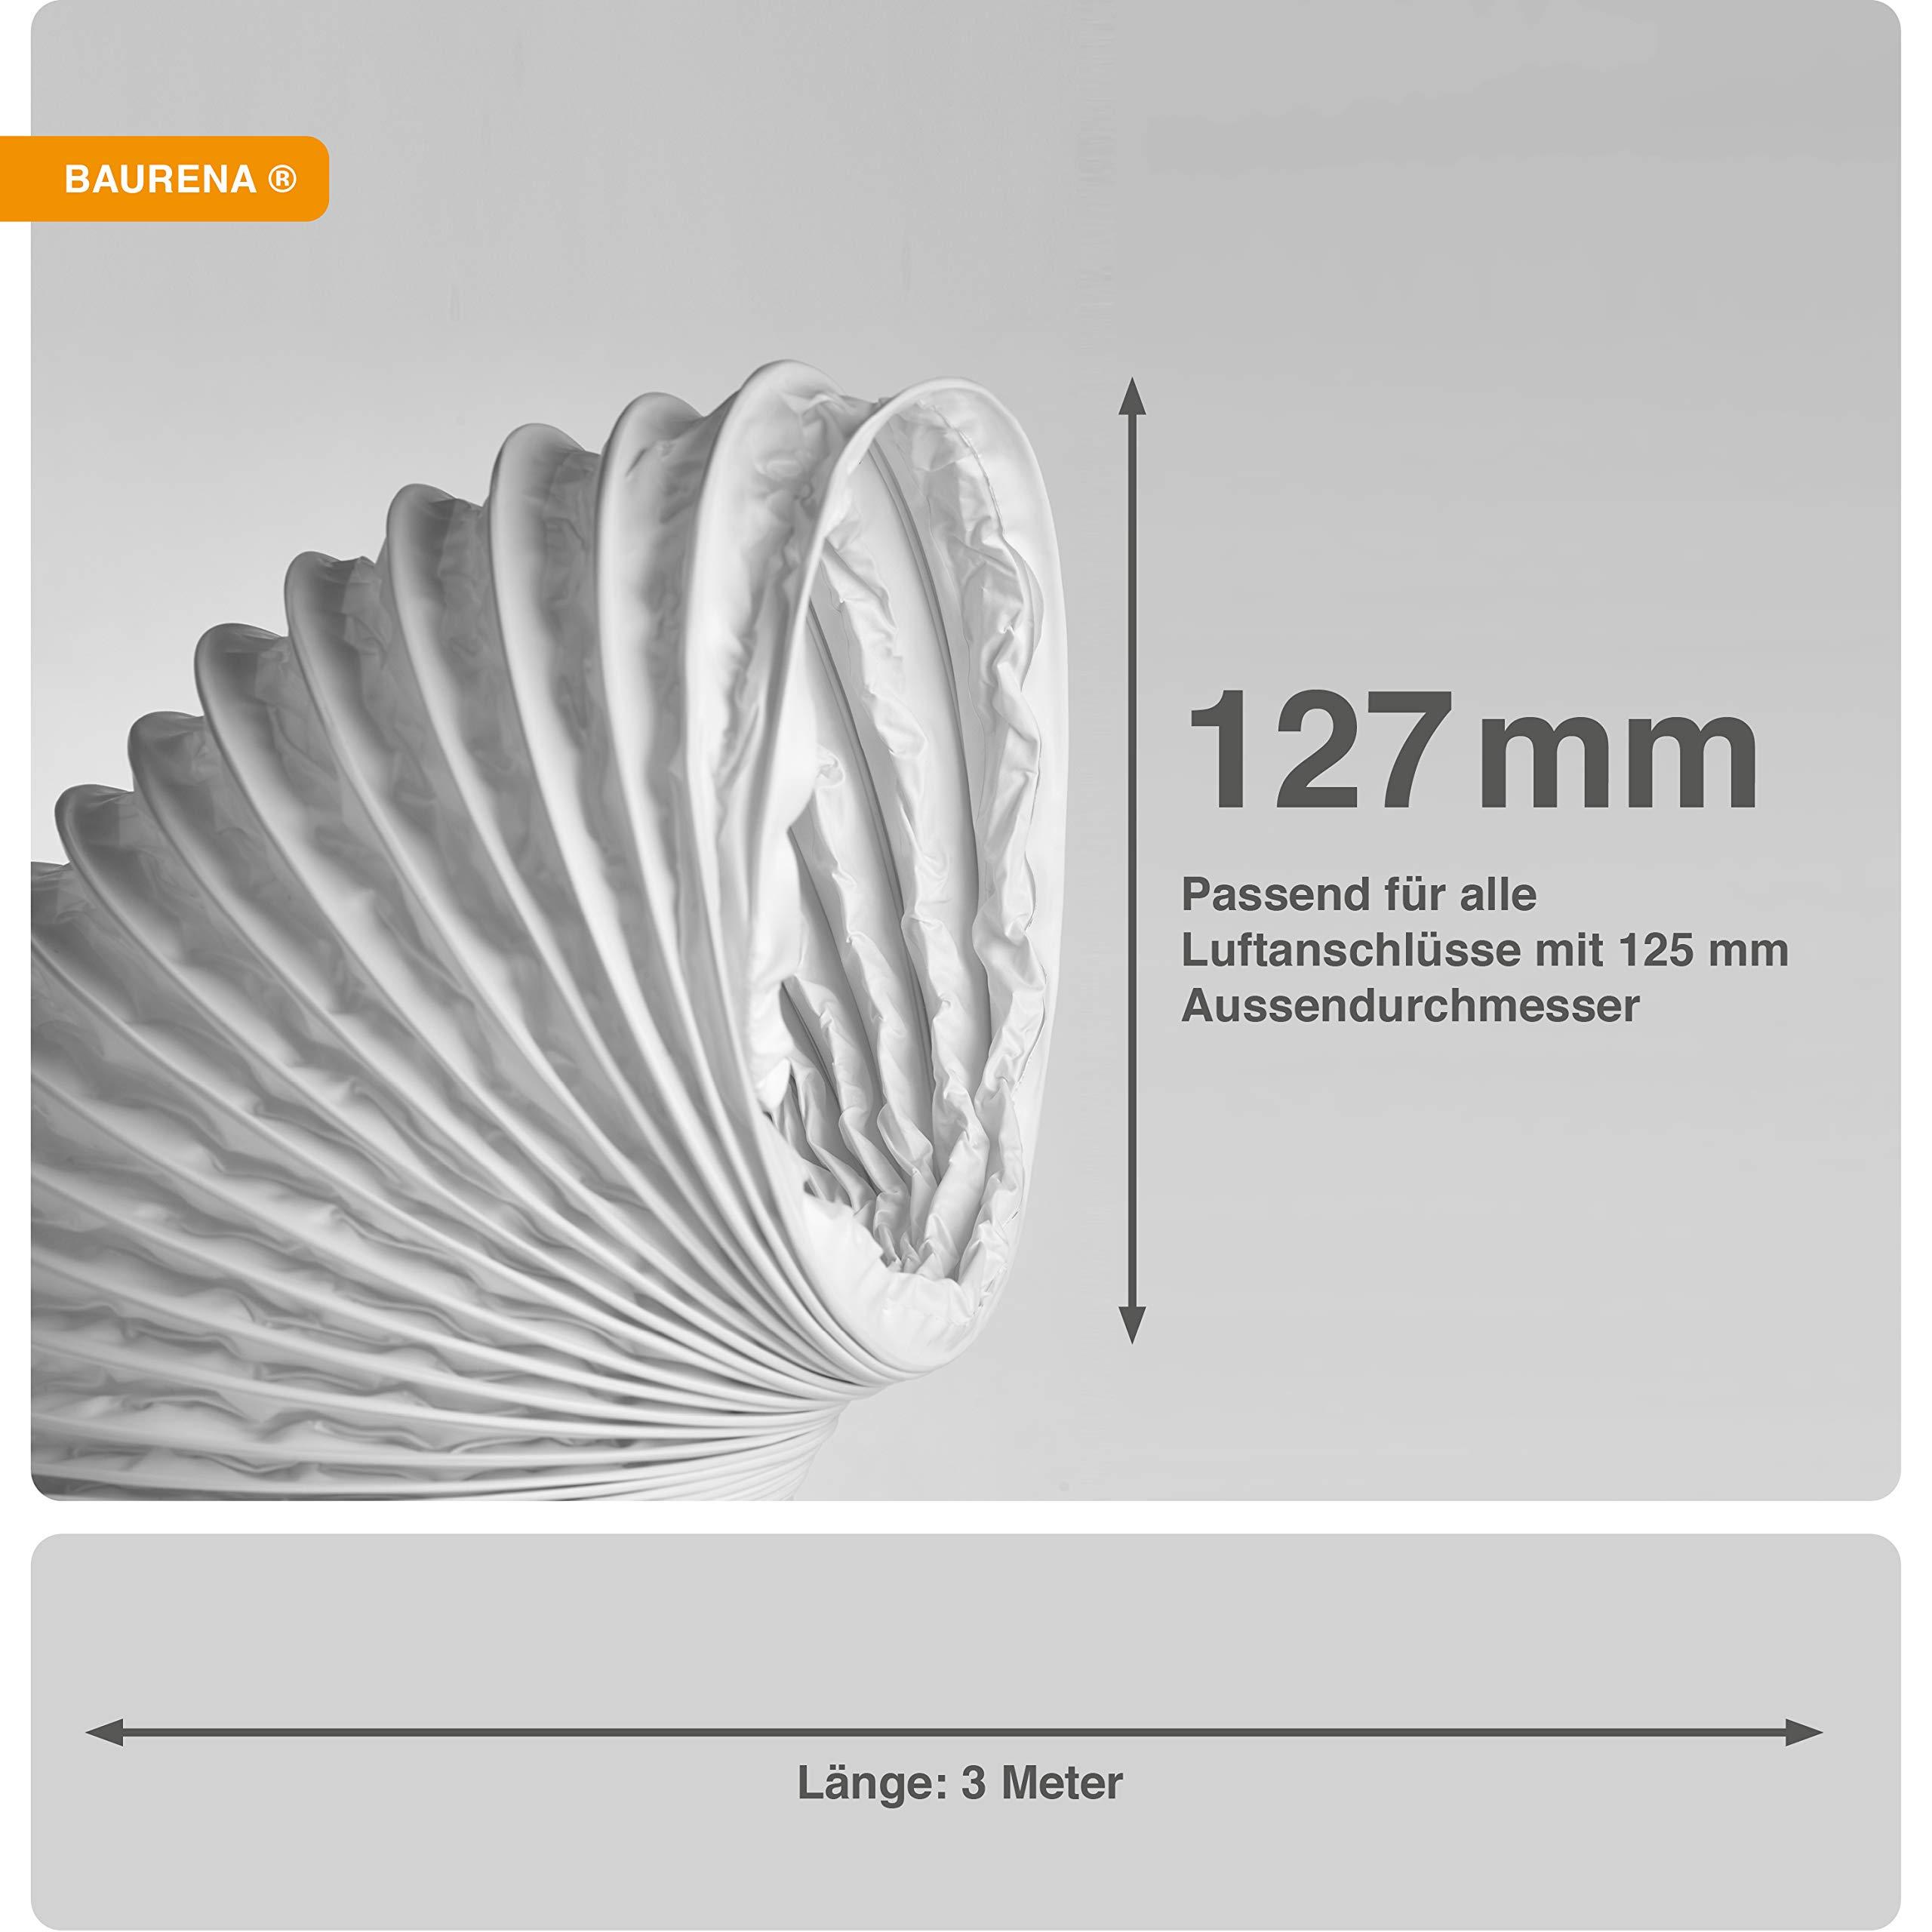 Baurena - Tubo de salida de aire flexible (127 mm x 3 m), color blanco 3 m: Amazon.es: Grandes electrodomésticos